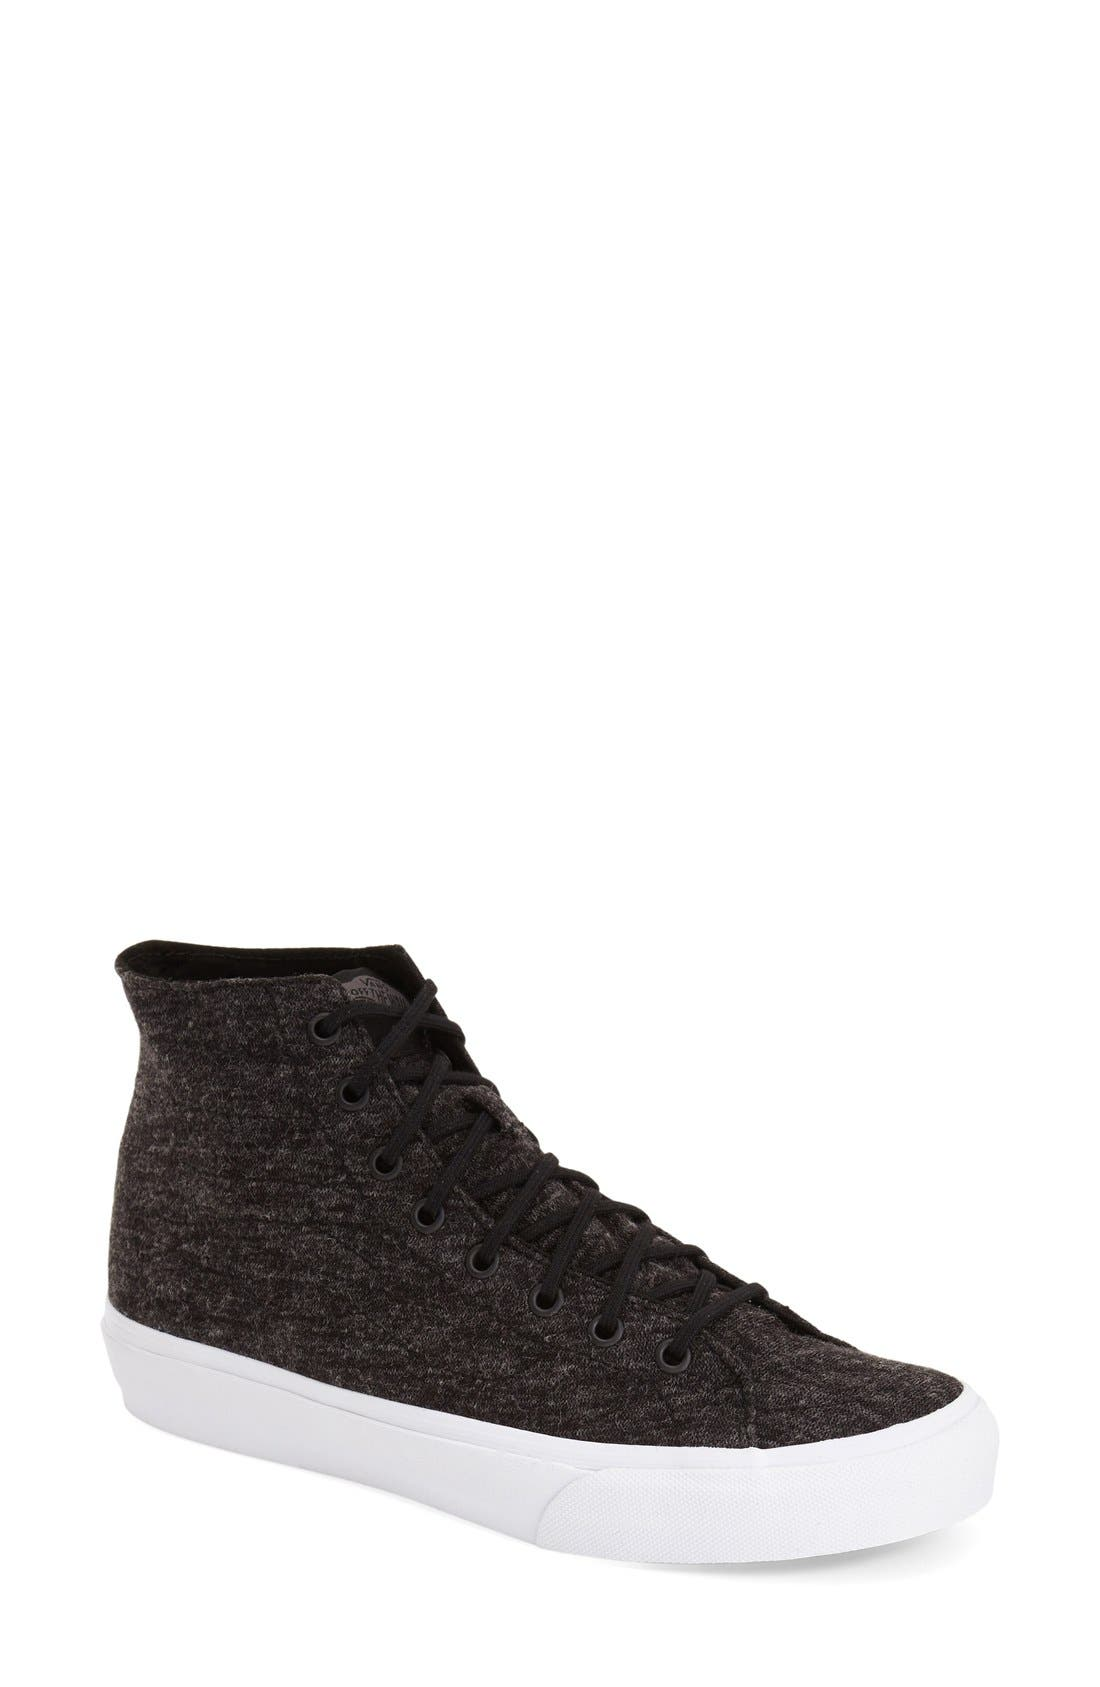 Main Image - Vans 'Sk8-Hi Decon' Sneaker (Women)